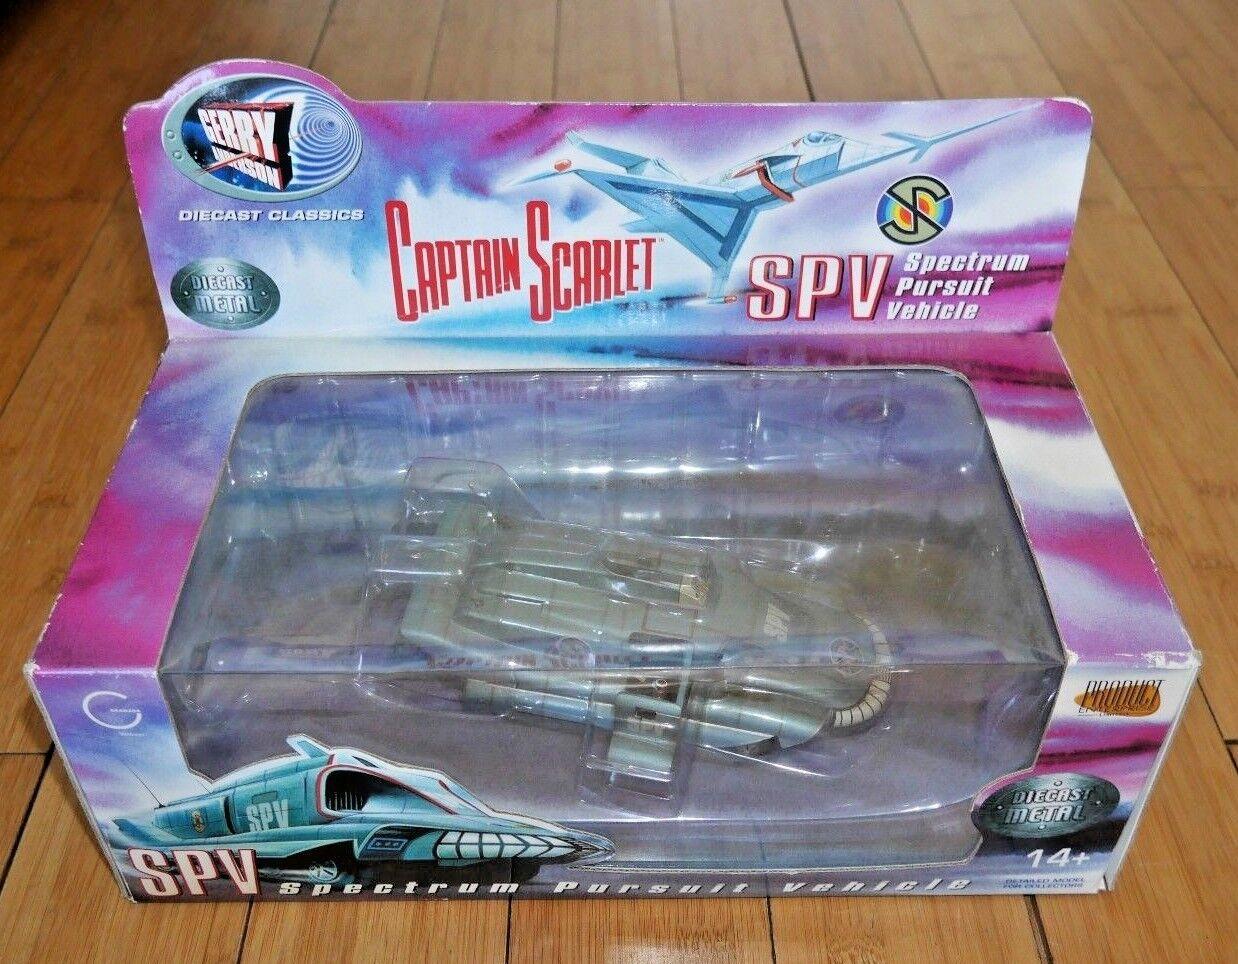 CAPTAIN CAPTAIN CAPTAIN SCARLET SPV PRODUCT ENTERPRISE MODEL GERRY ANDERSON BOXED RARE  B393 9b7d91